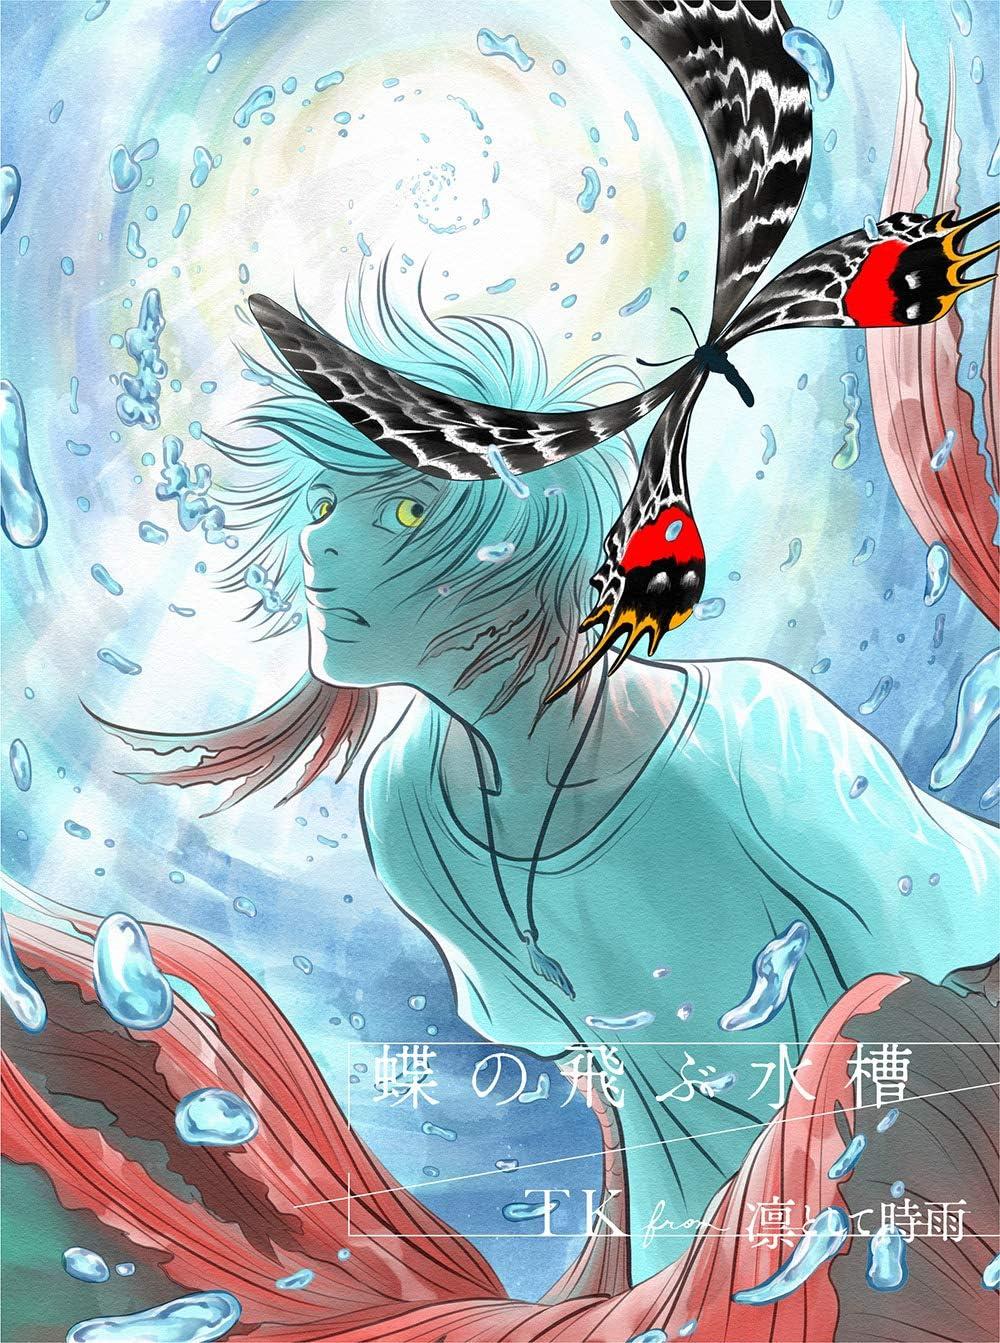 歌詞 水槽 蝶 飛ぶ の